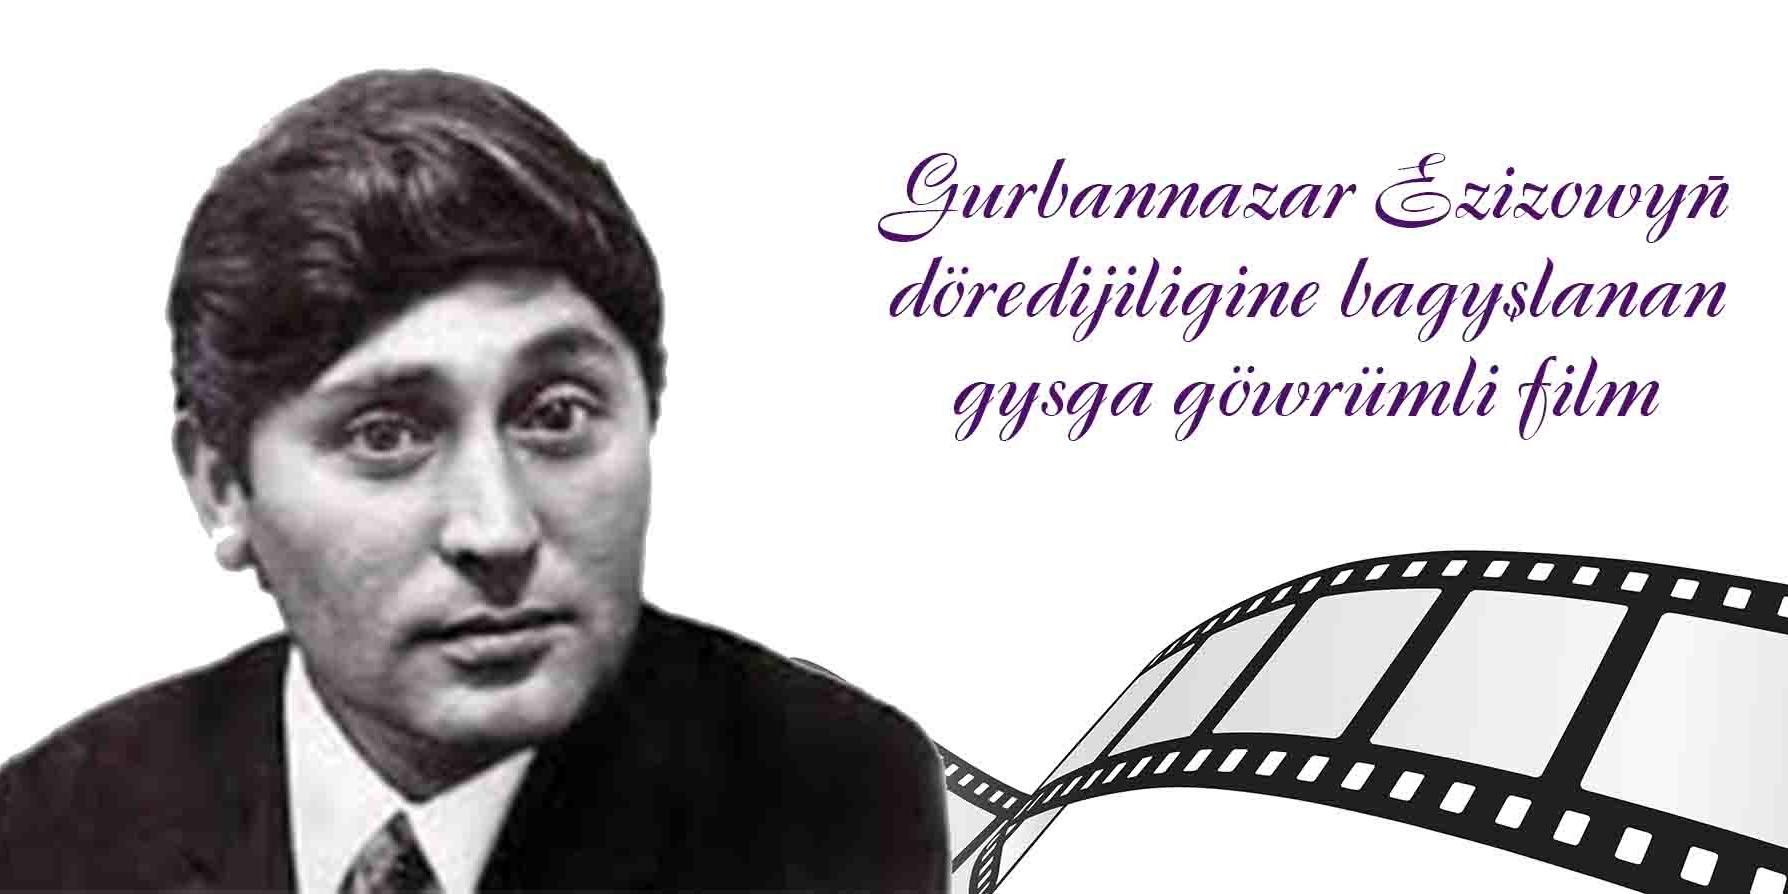 gurbannazar ezizow, film, turkmen film